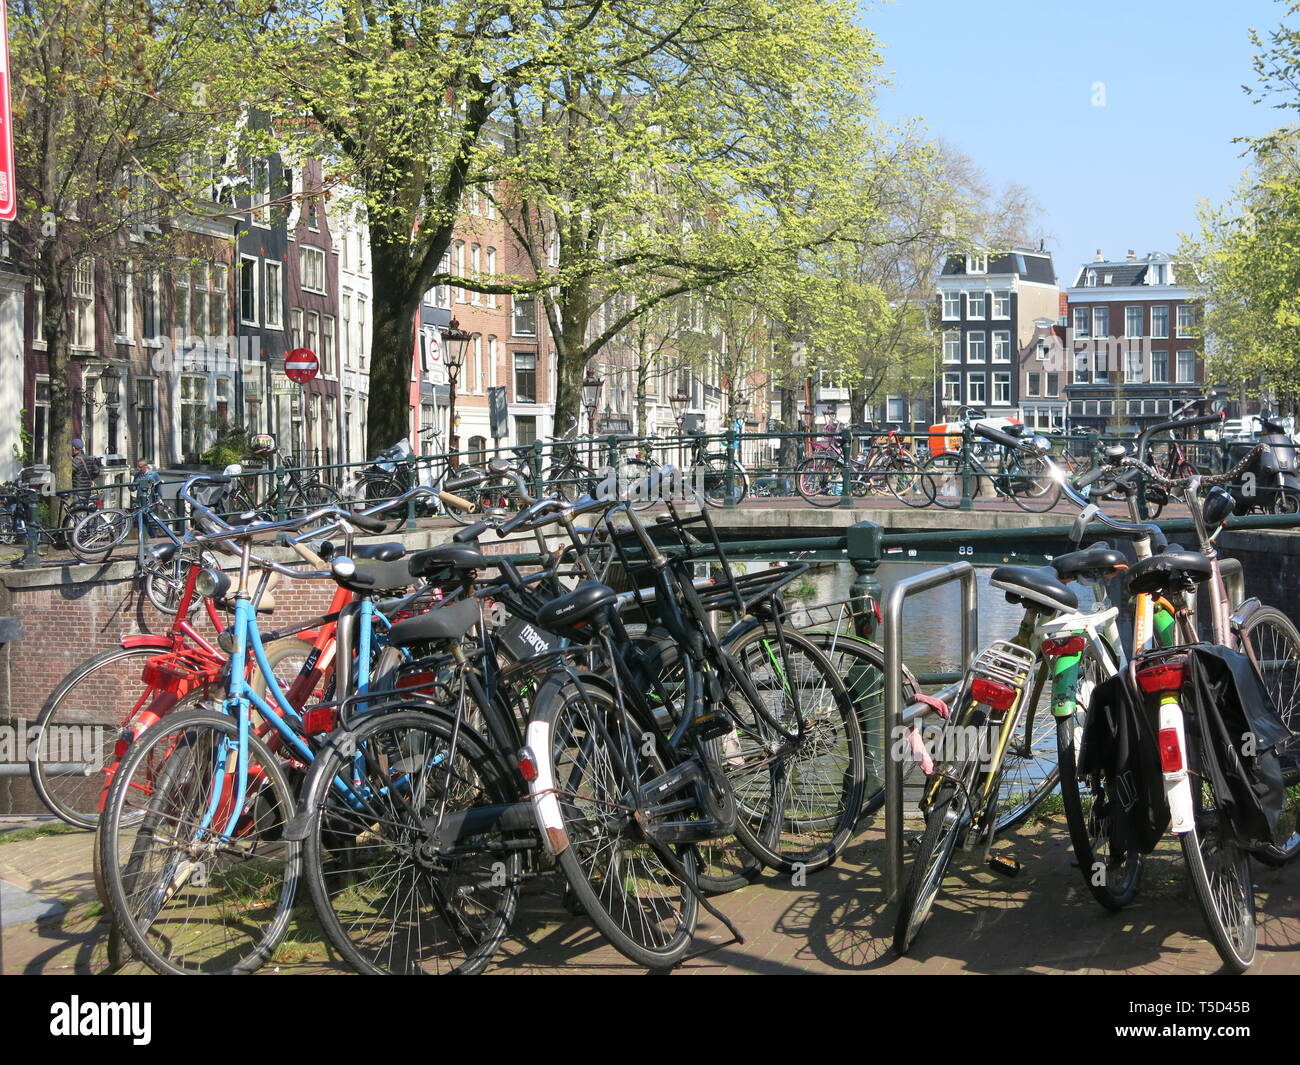 Fahrräder sind überall in Amsterdam, auf Kanal Brücken geparkt, in Regalen an der Gracht & so weit das Auge sehen kann; sehr beliebtes Fortbewegungsmittel Stockbild